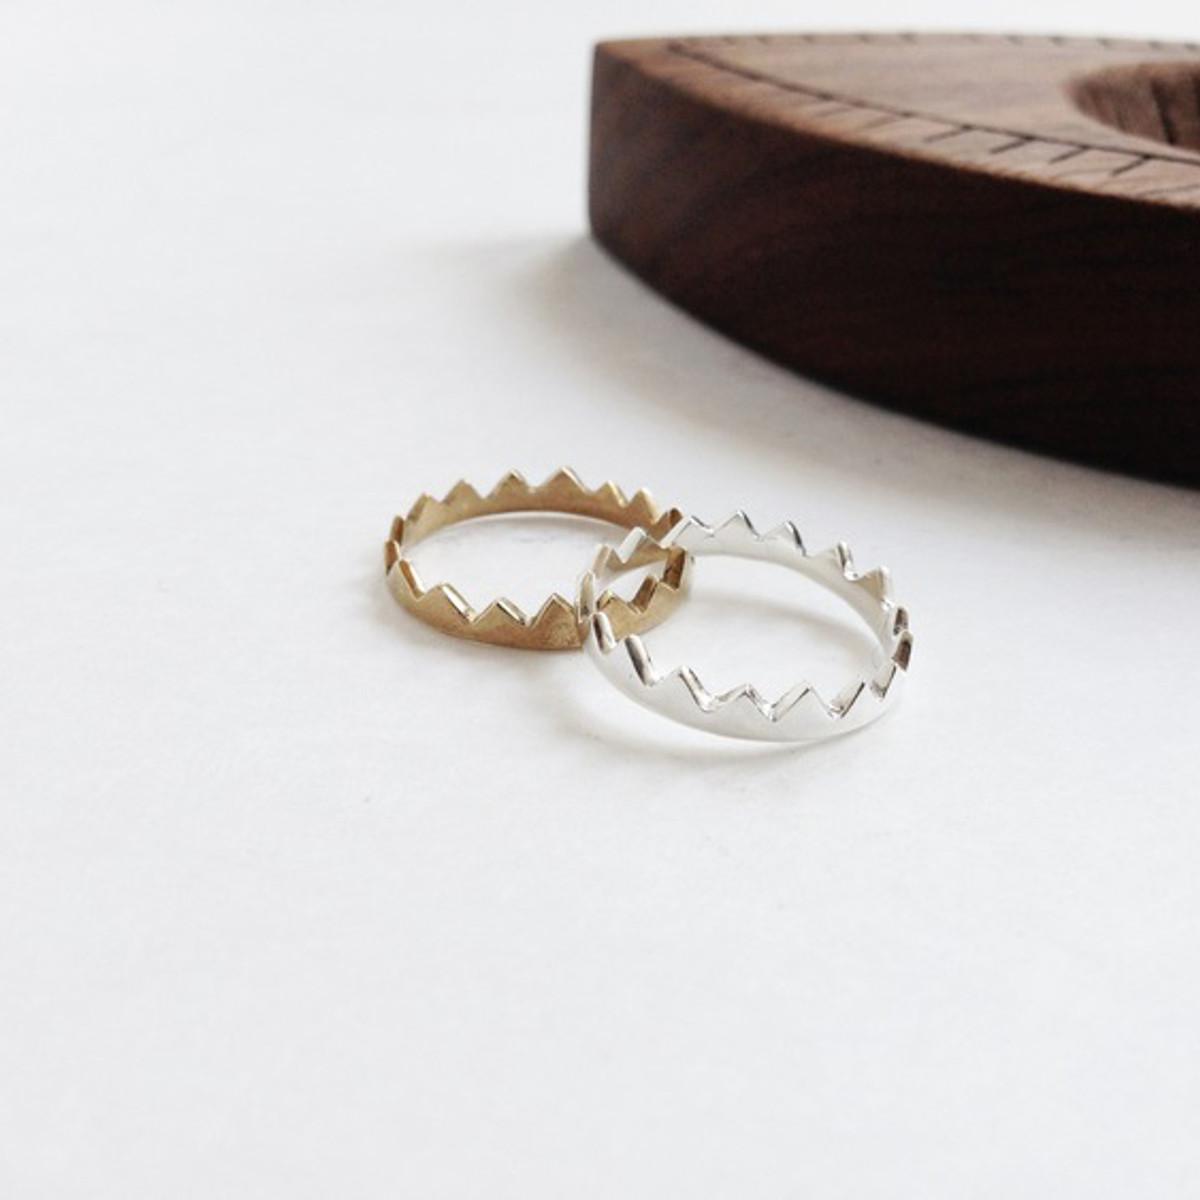 Elta Ring